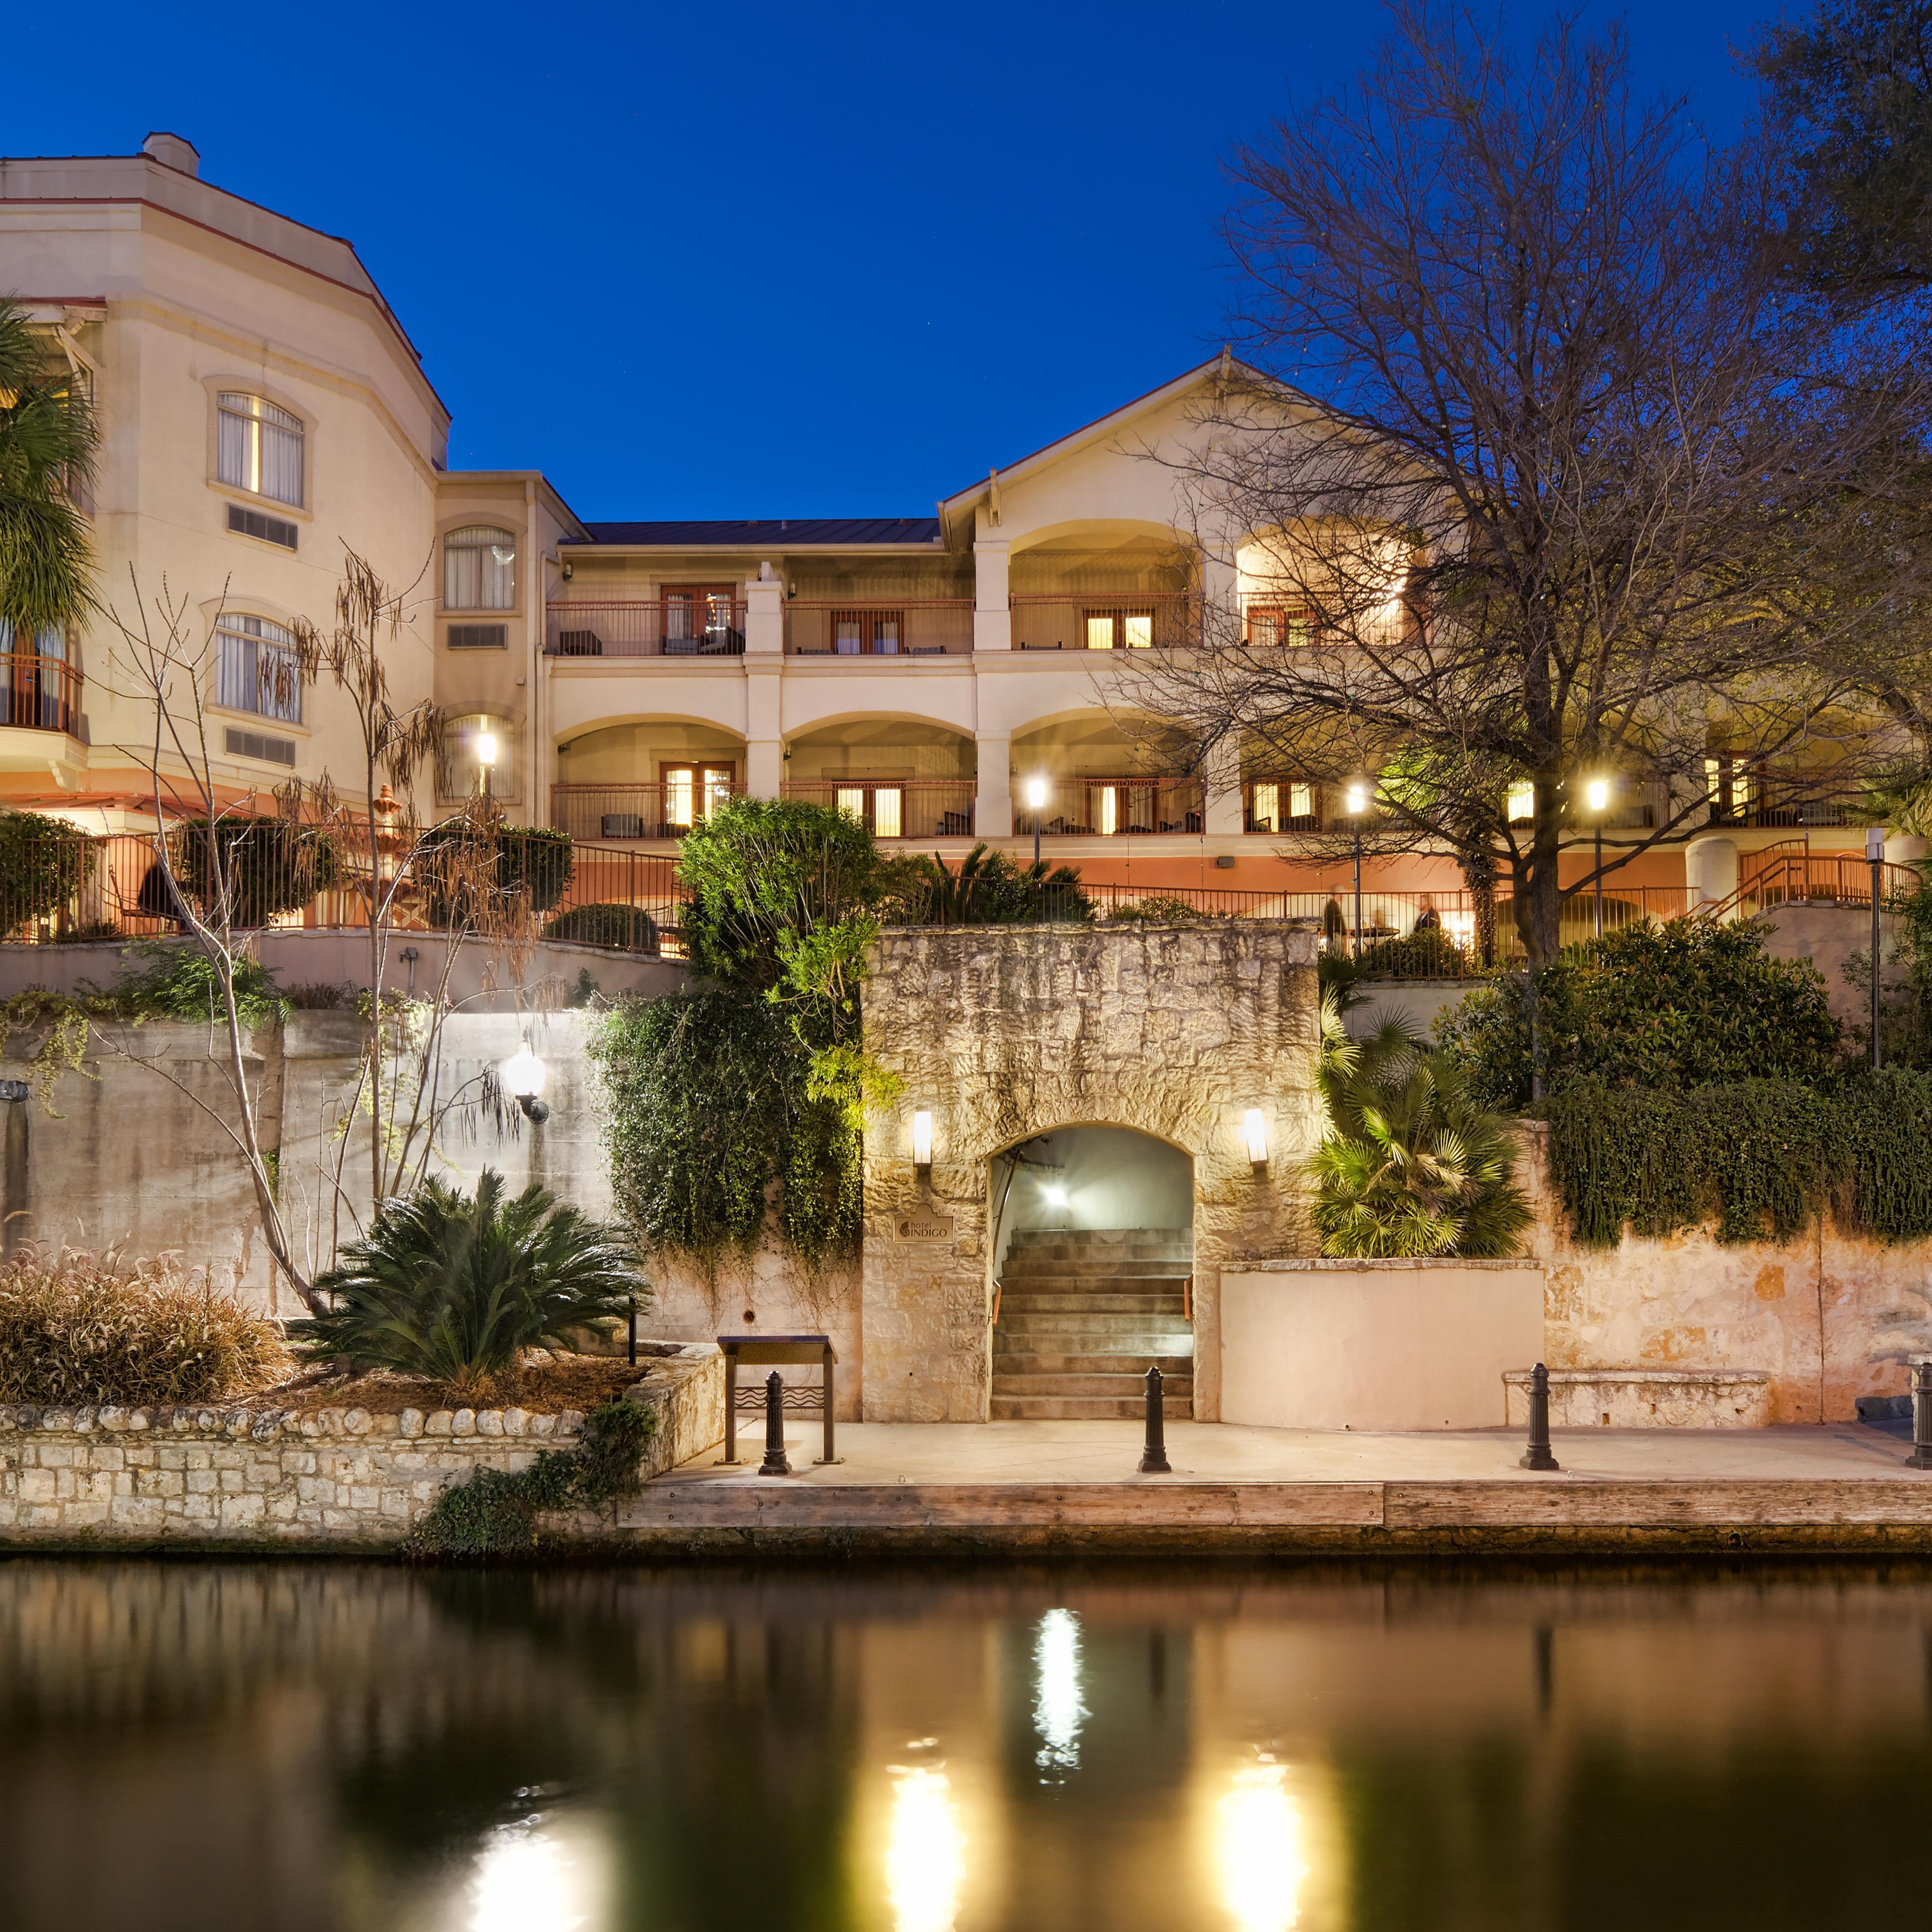 San Antonio Riverwalk Hotel Hotel Indigo San Antonio Ihg